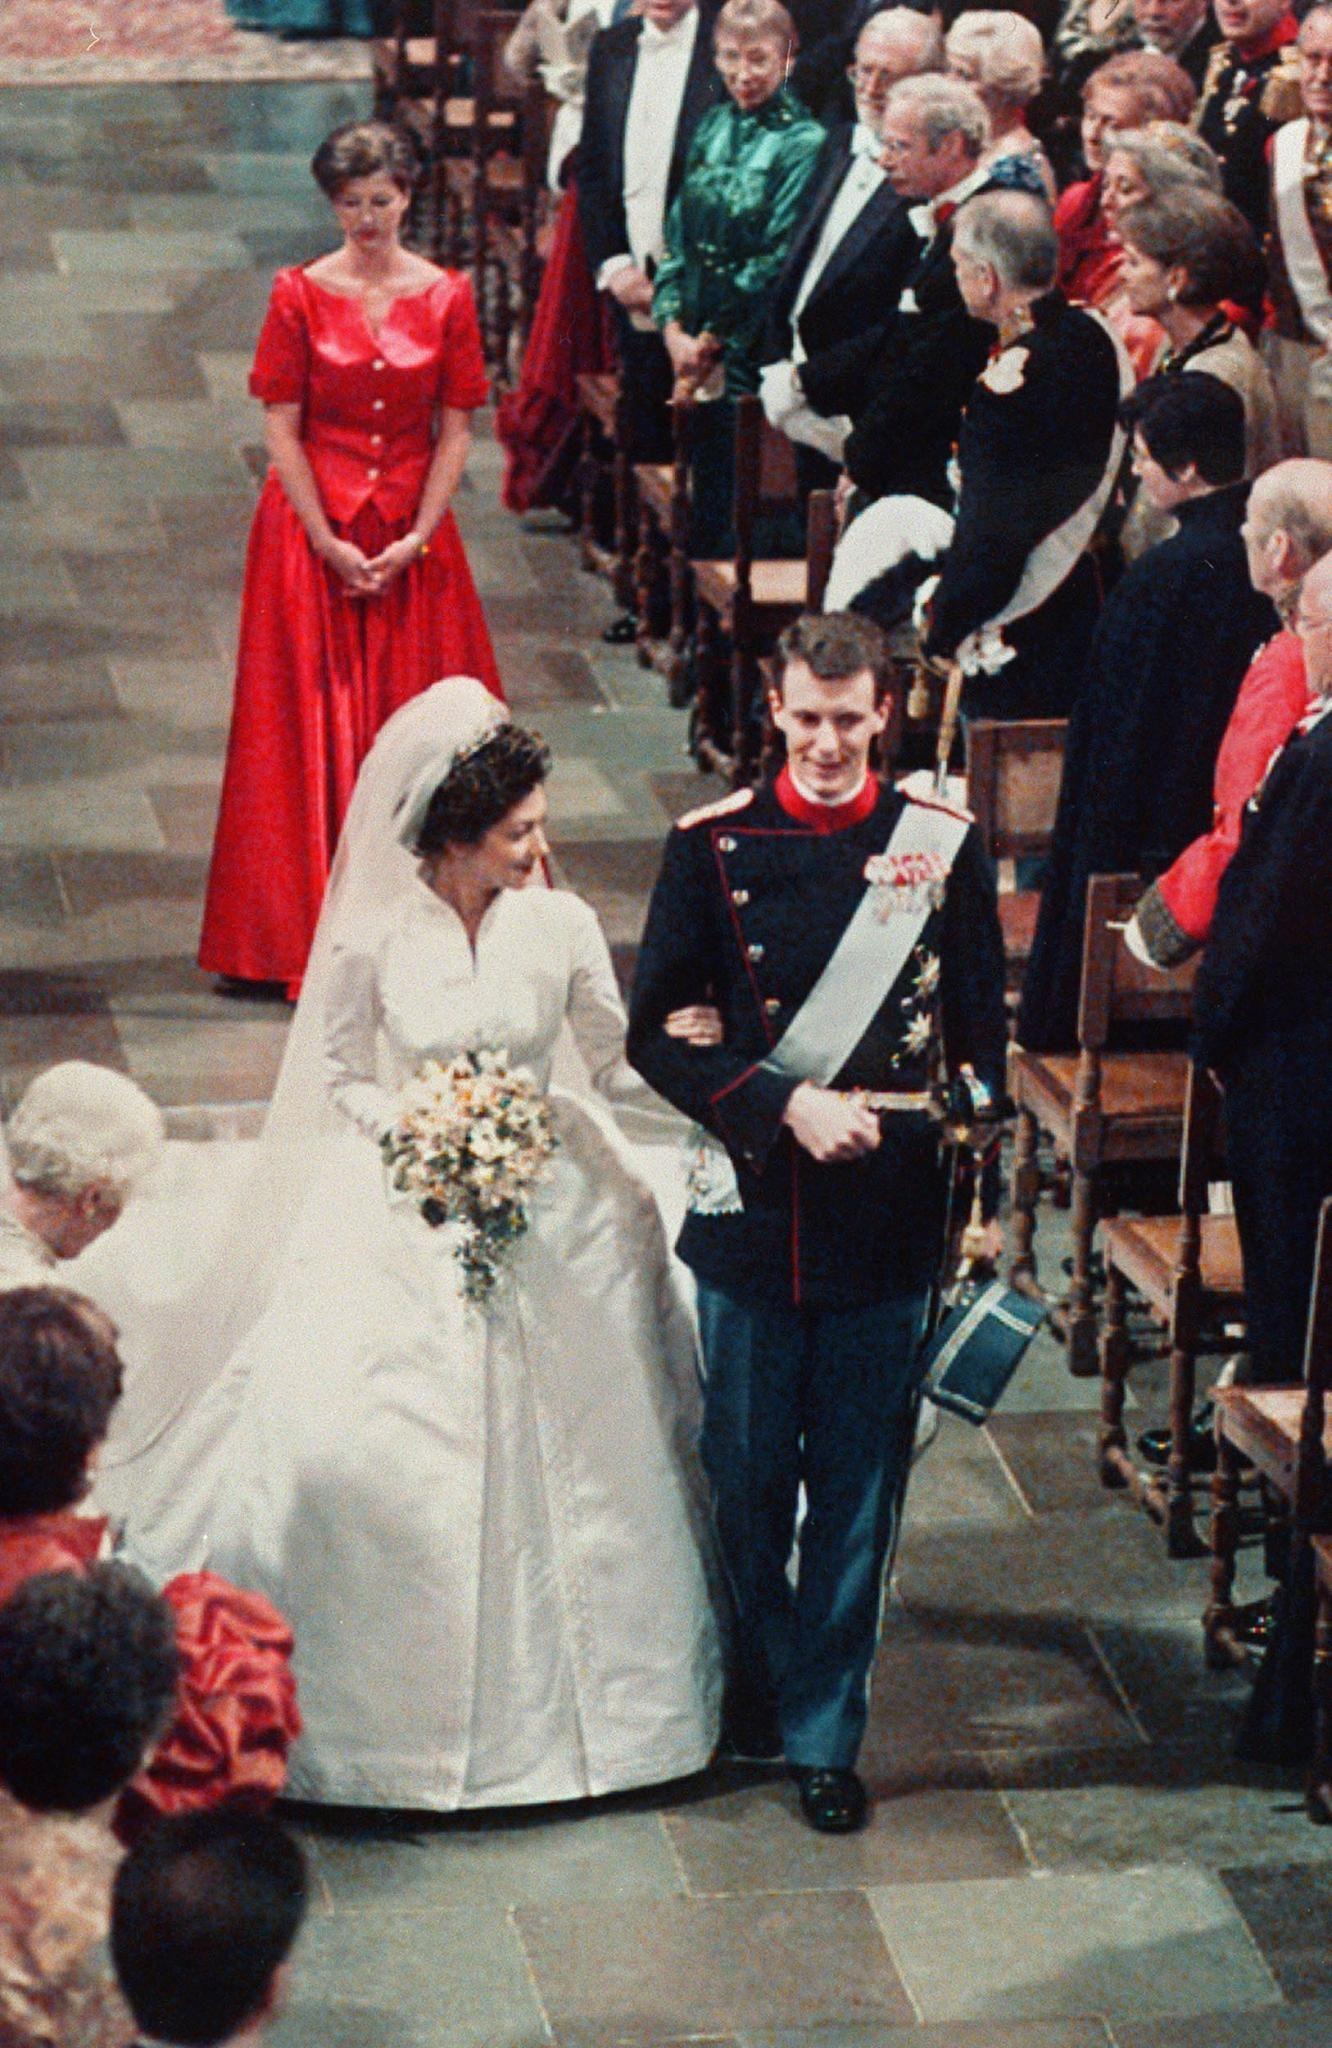 Royale Hochzeitskleider Konigliche Hochzeitskleider Prinzessin Alexandra Hochzeitskleid